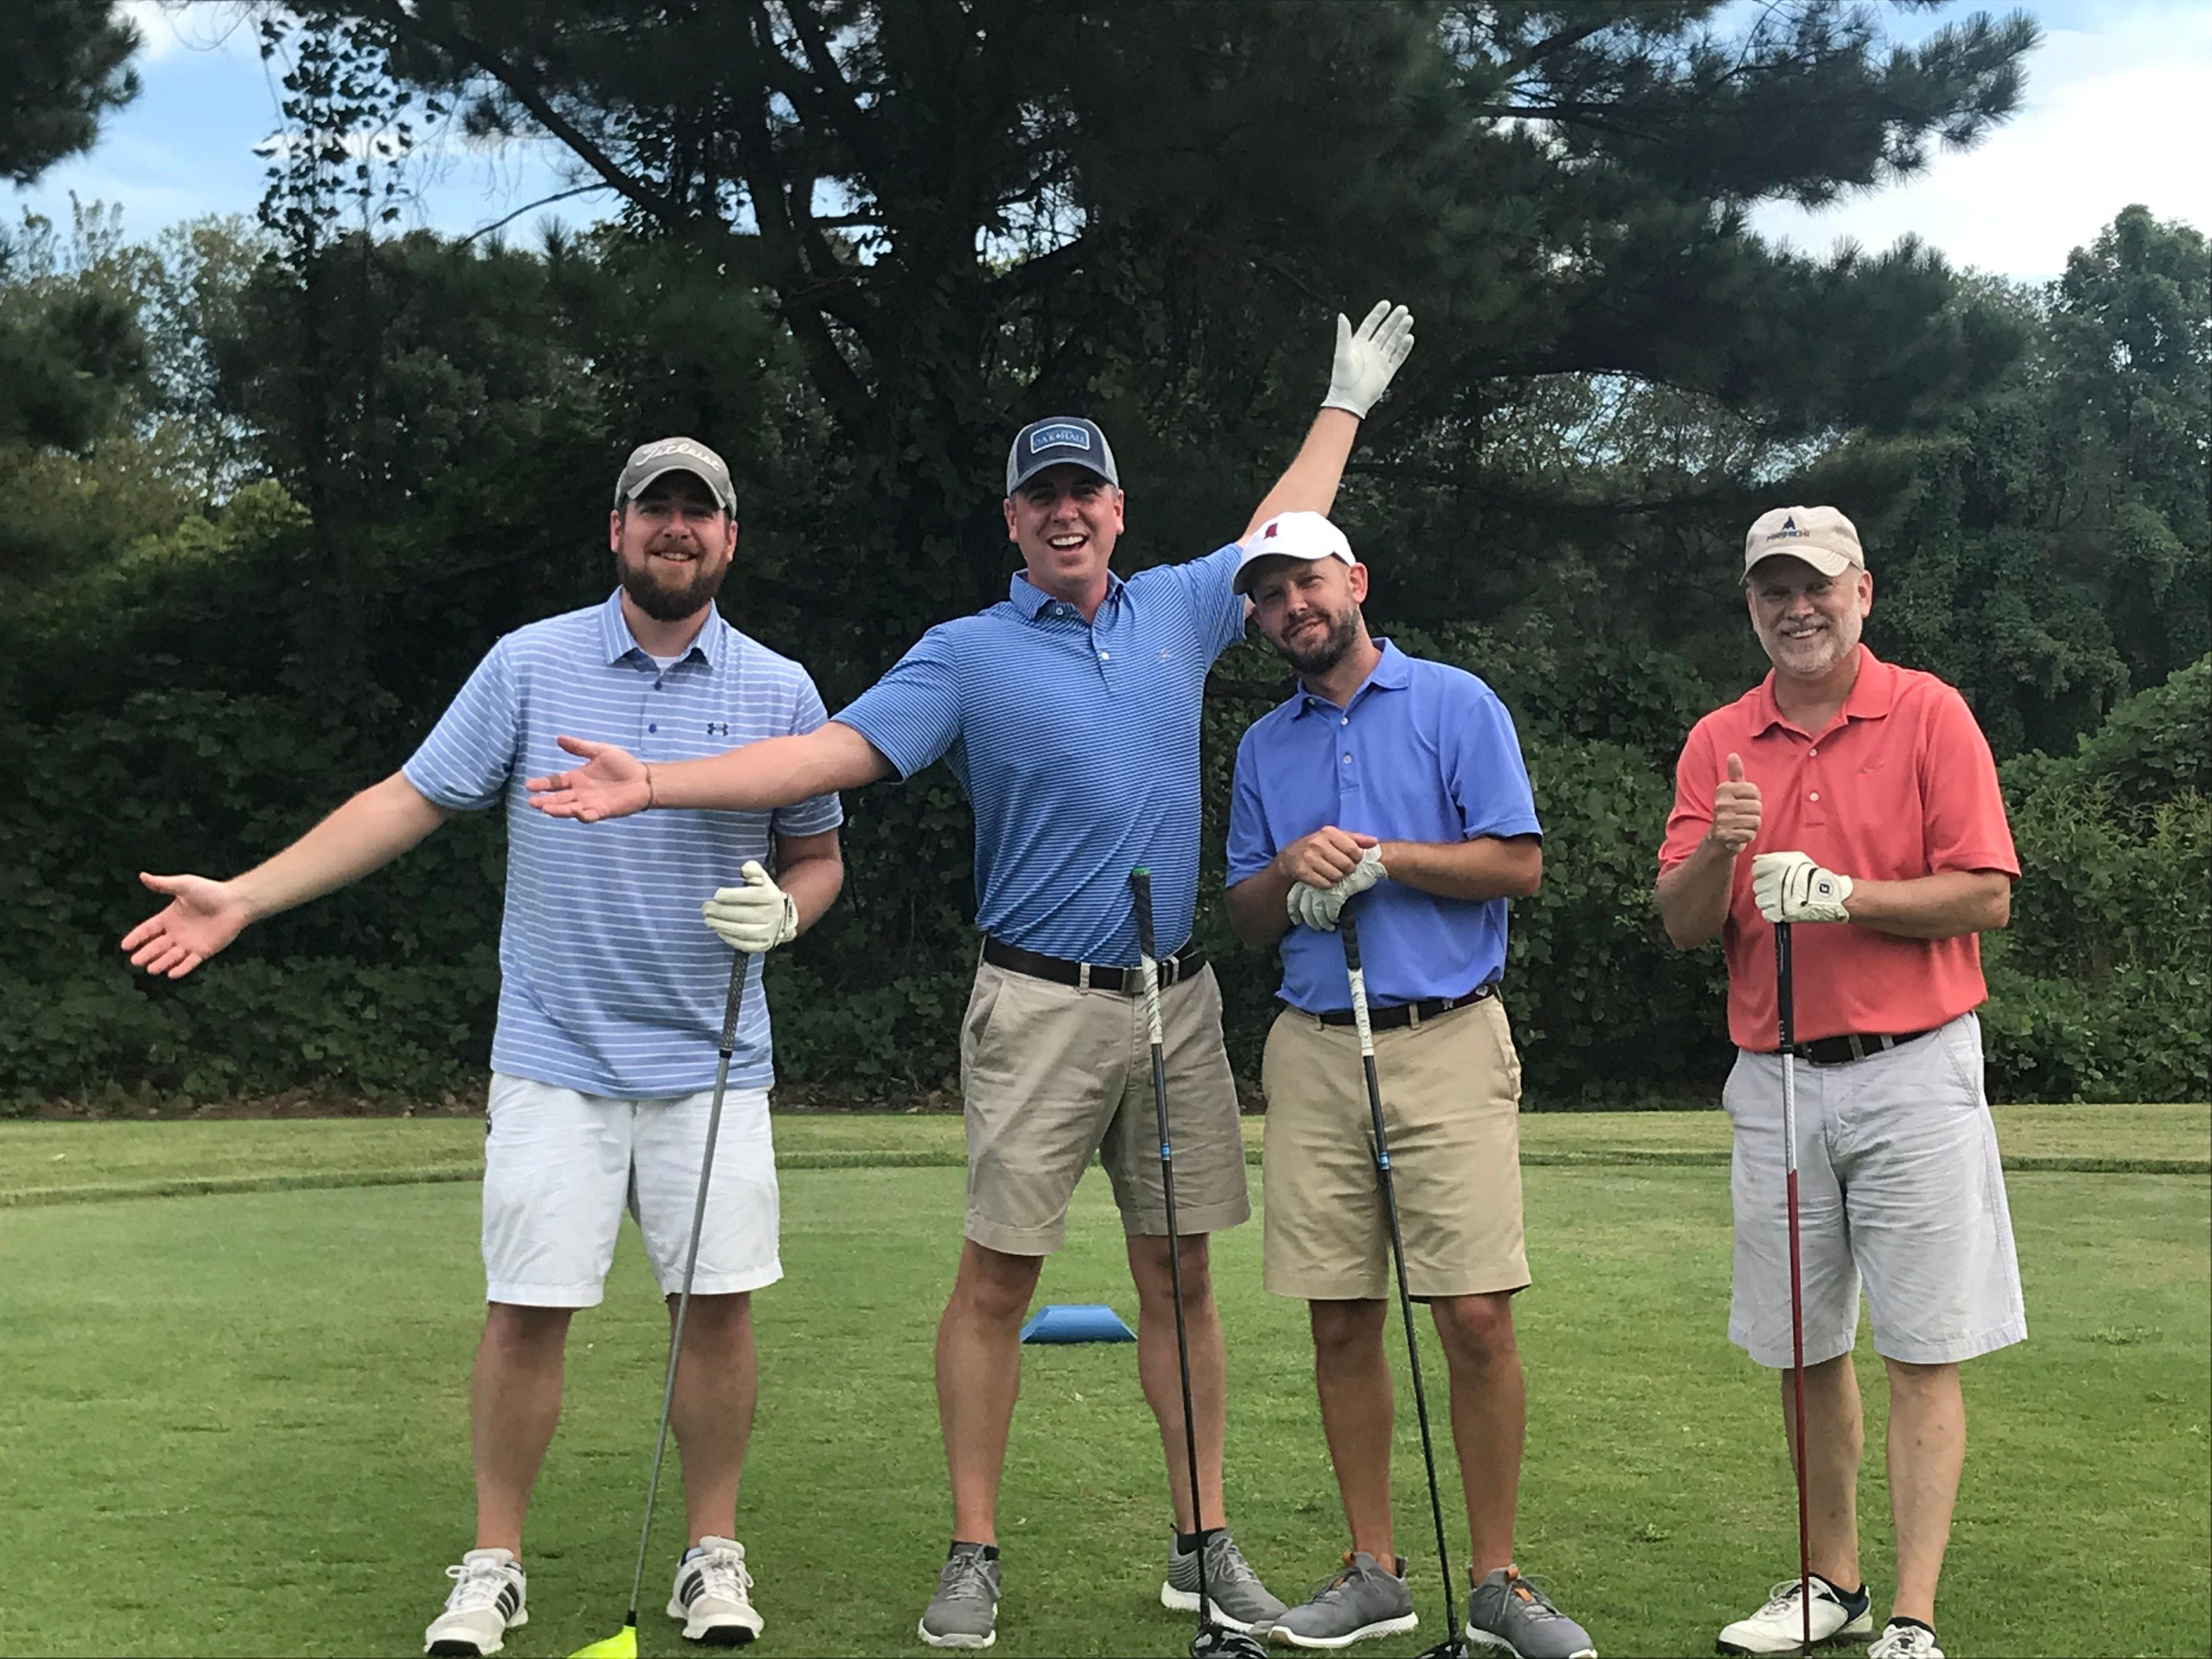 11th Annual MOSD Golf Tournament